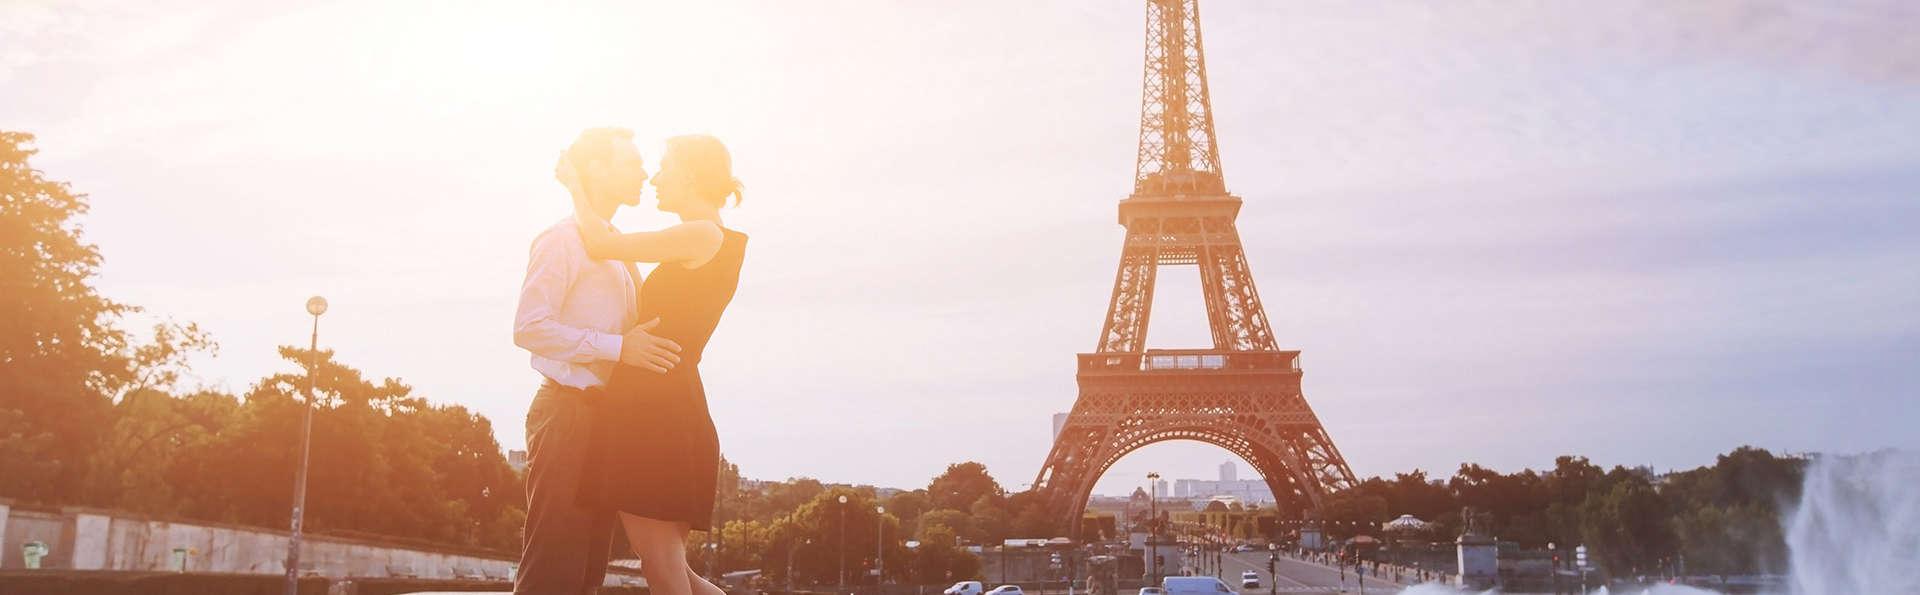 Week-end détente et romantique avec champagne et Lovebox à Paris (parking remisé)